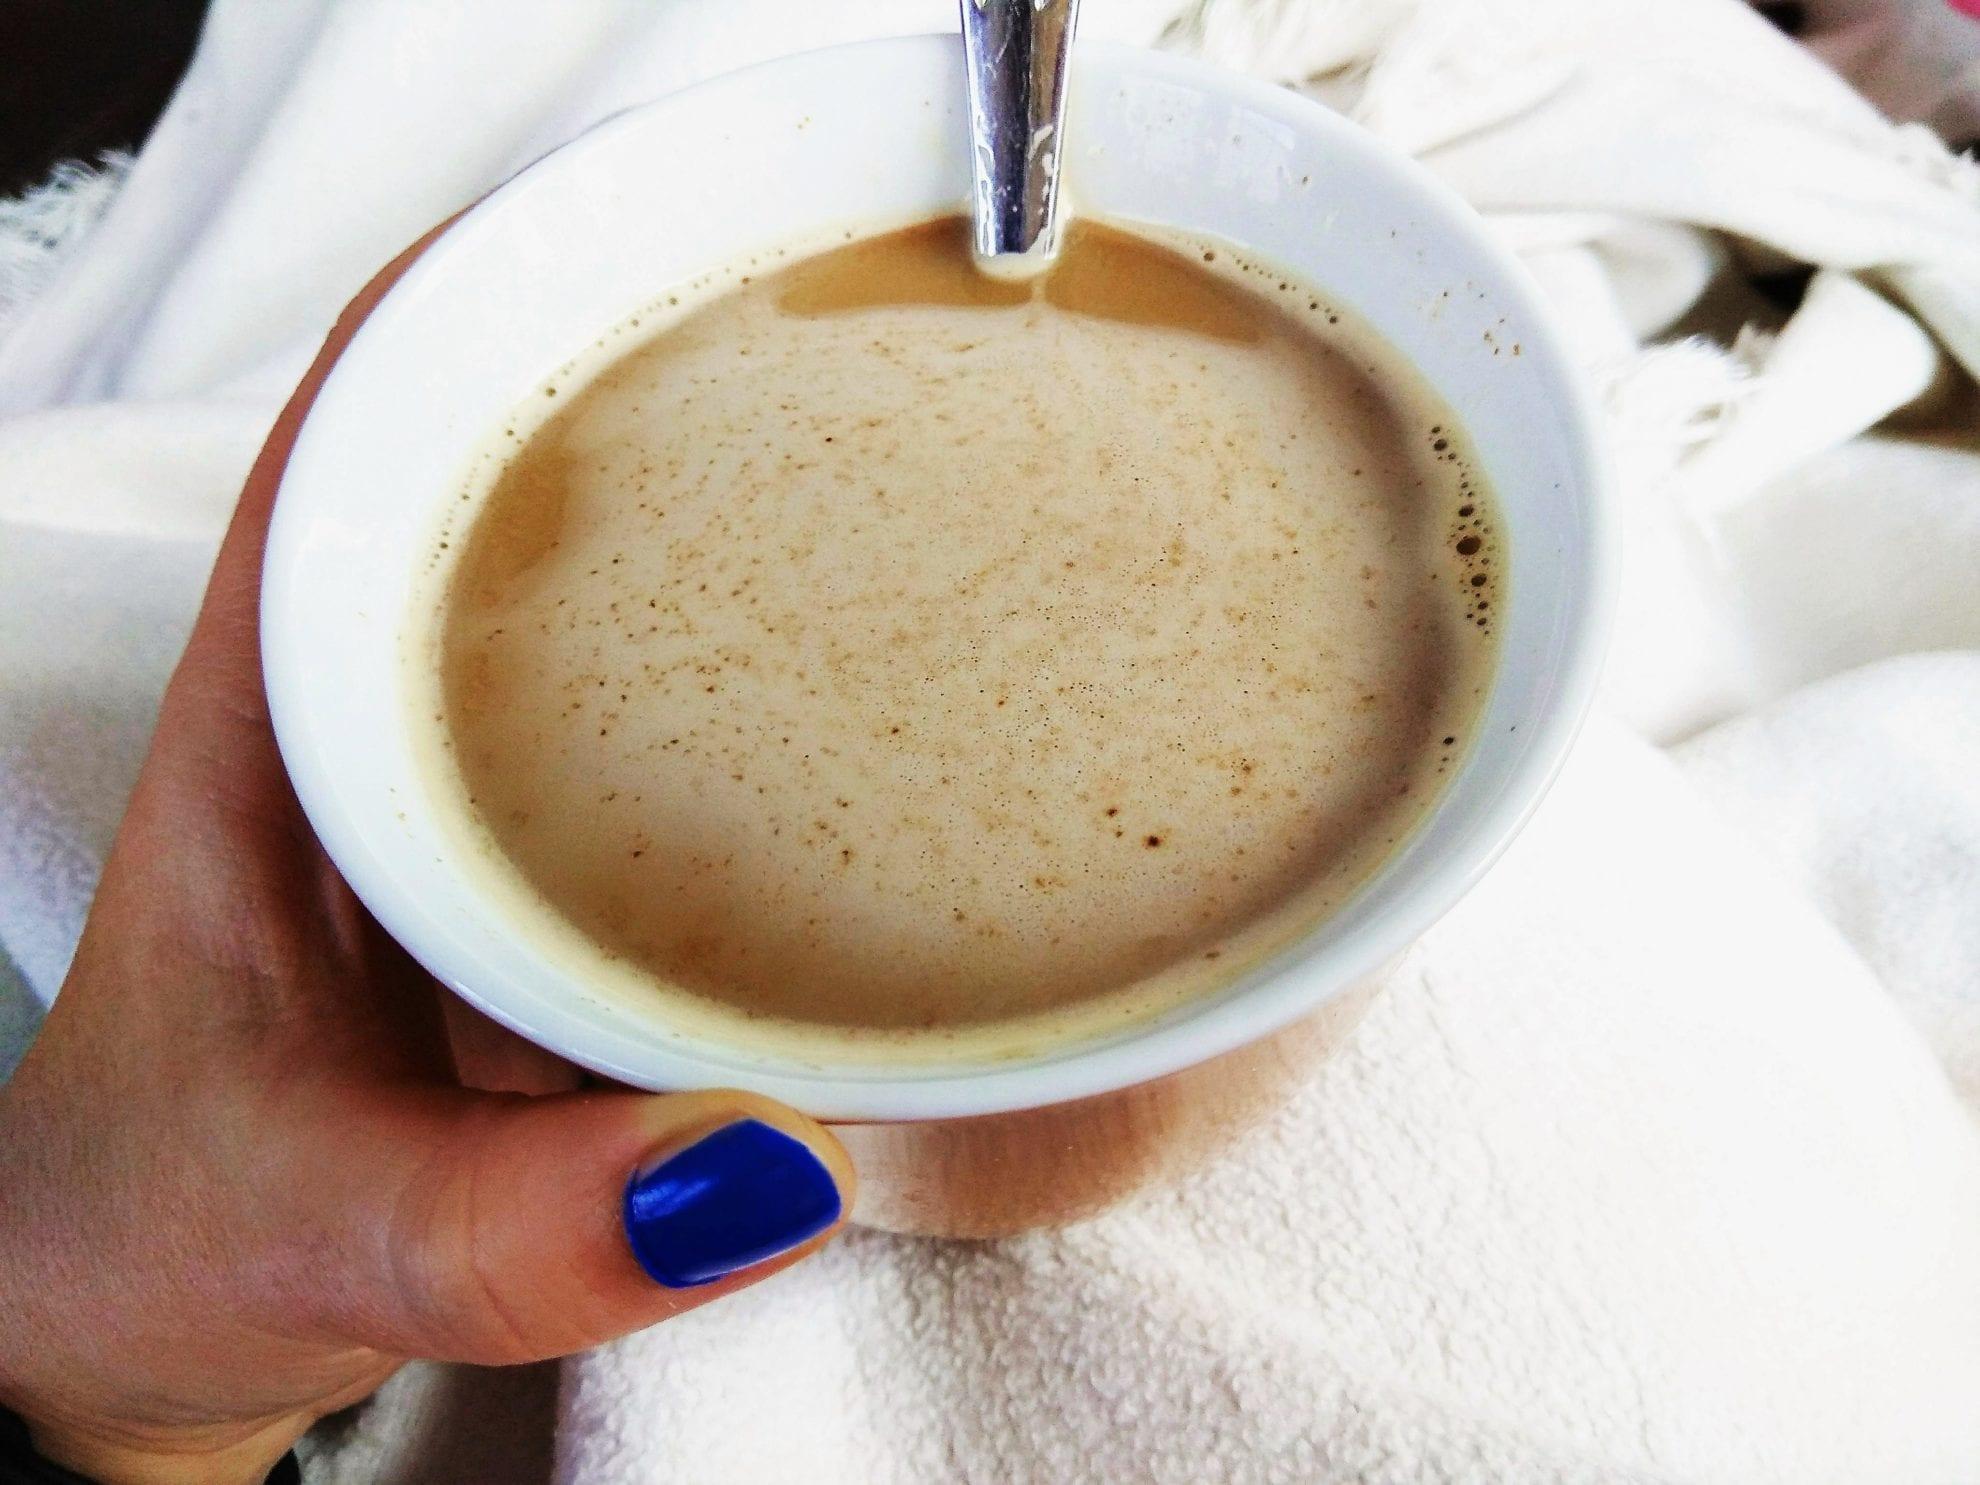 WMDEDGT 2/18, Kaffeepause für Julie vom Blog Puddingklecks